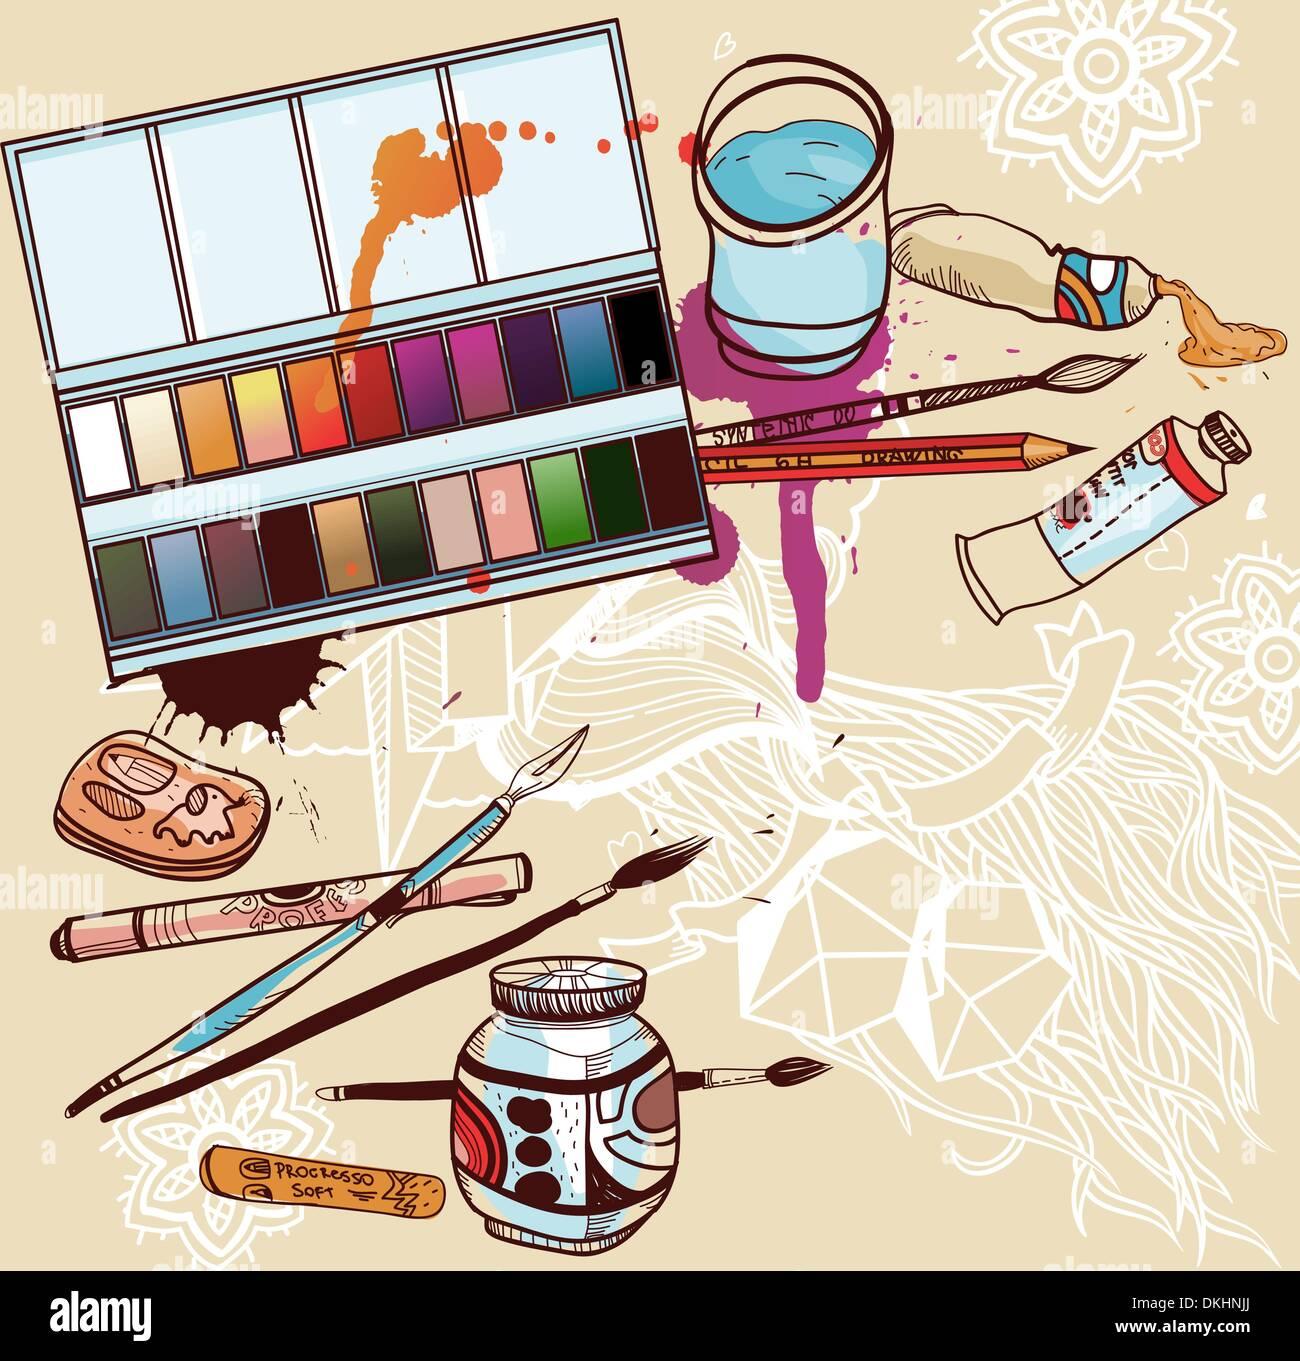 Illustrazione vettoriale di strumenti artistici Immagini Stock